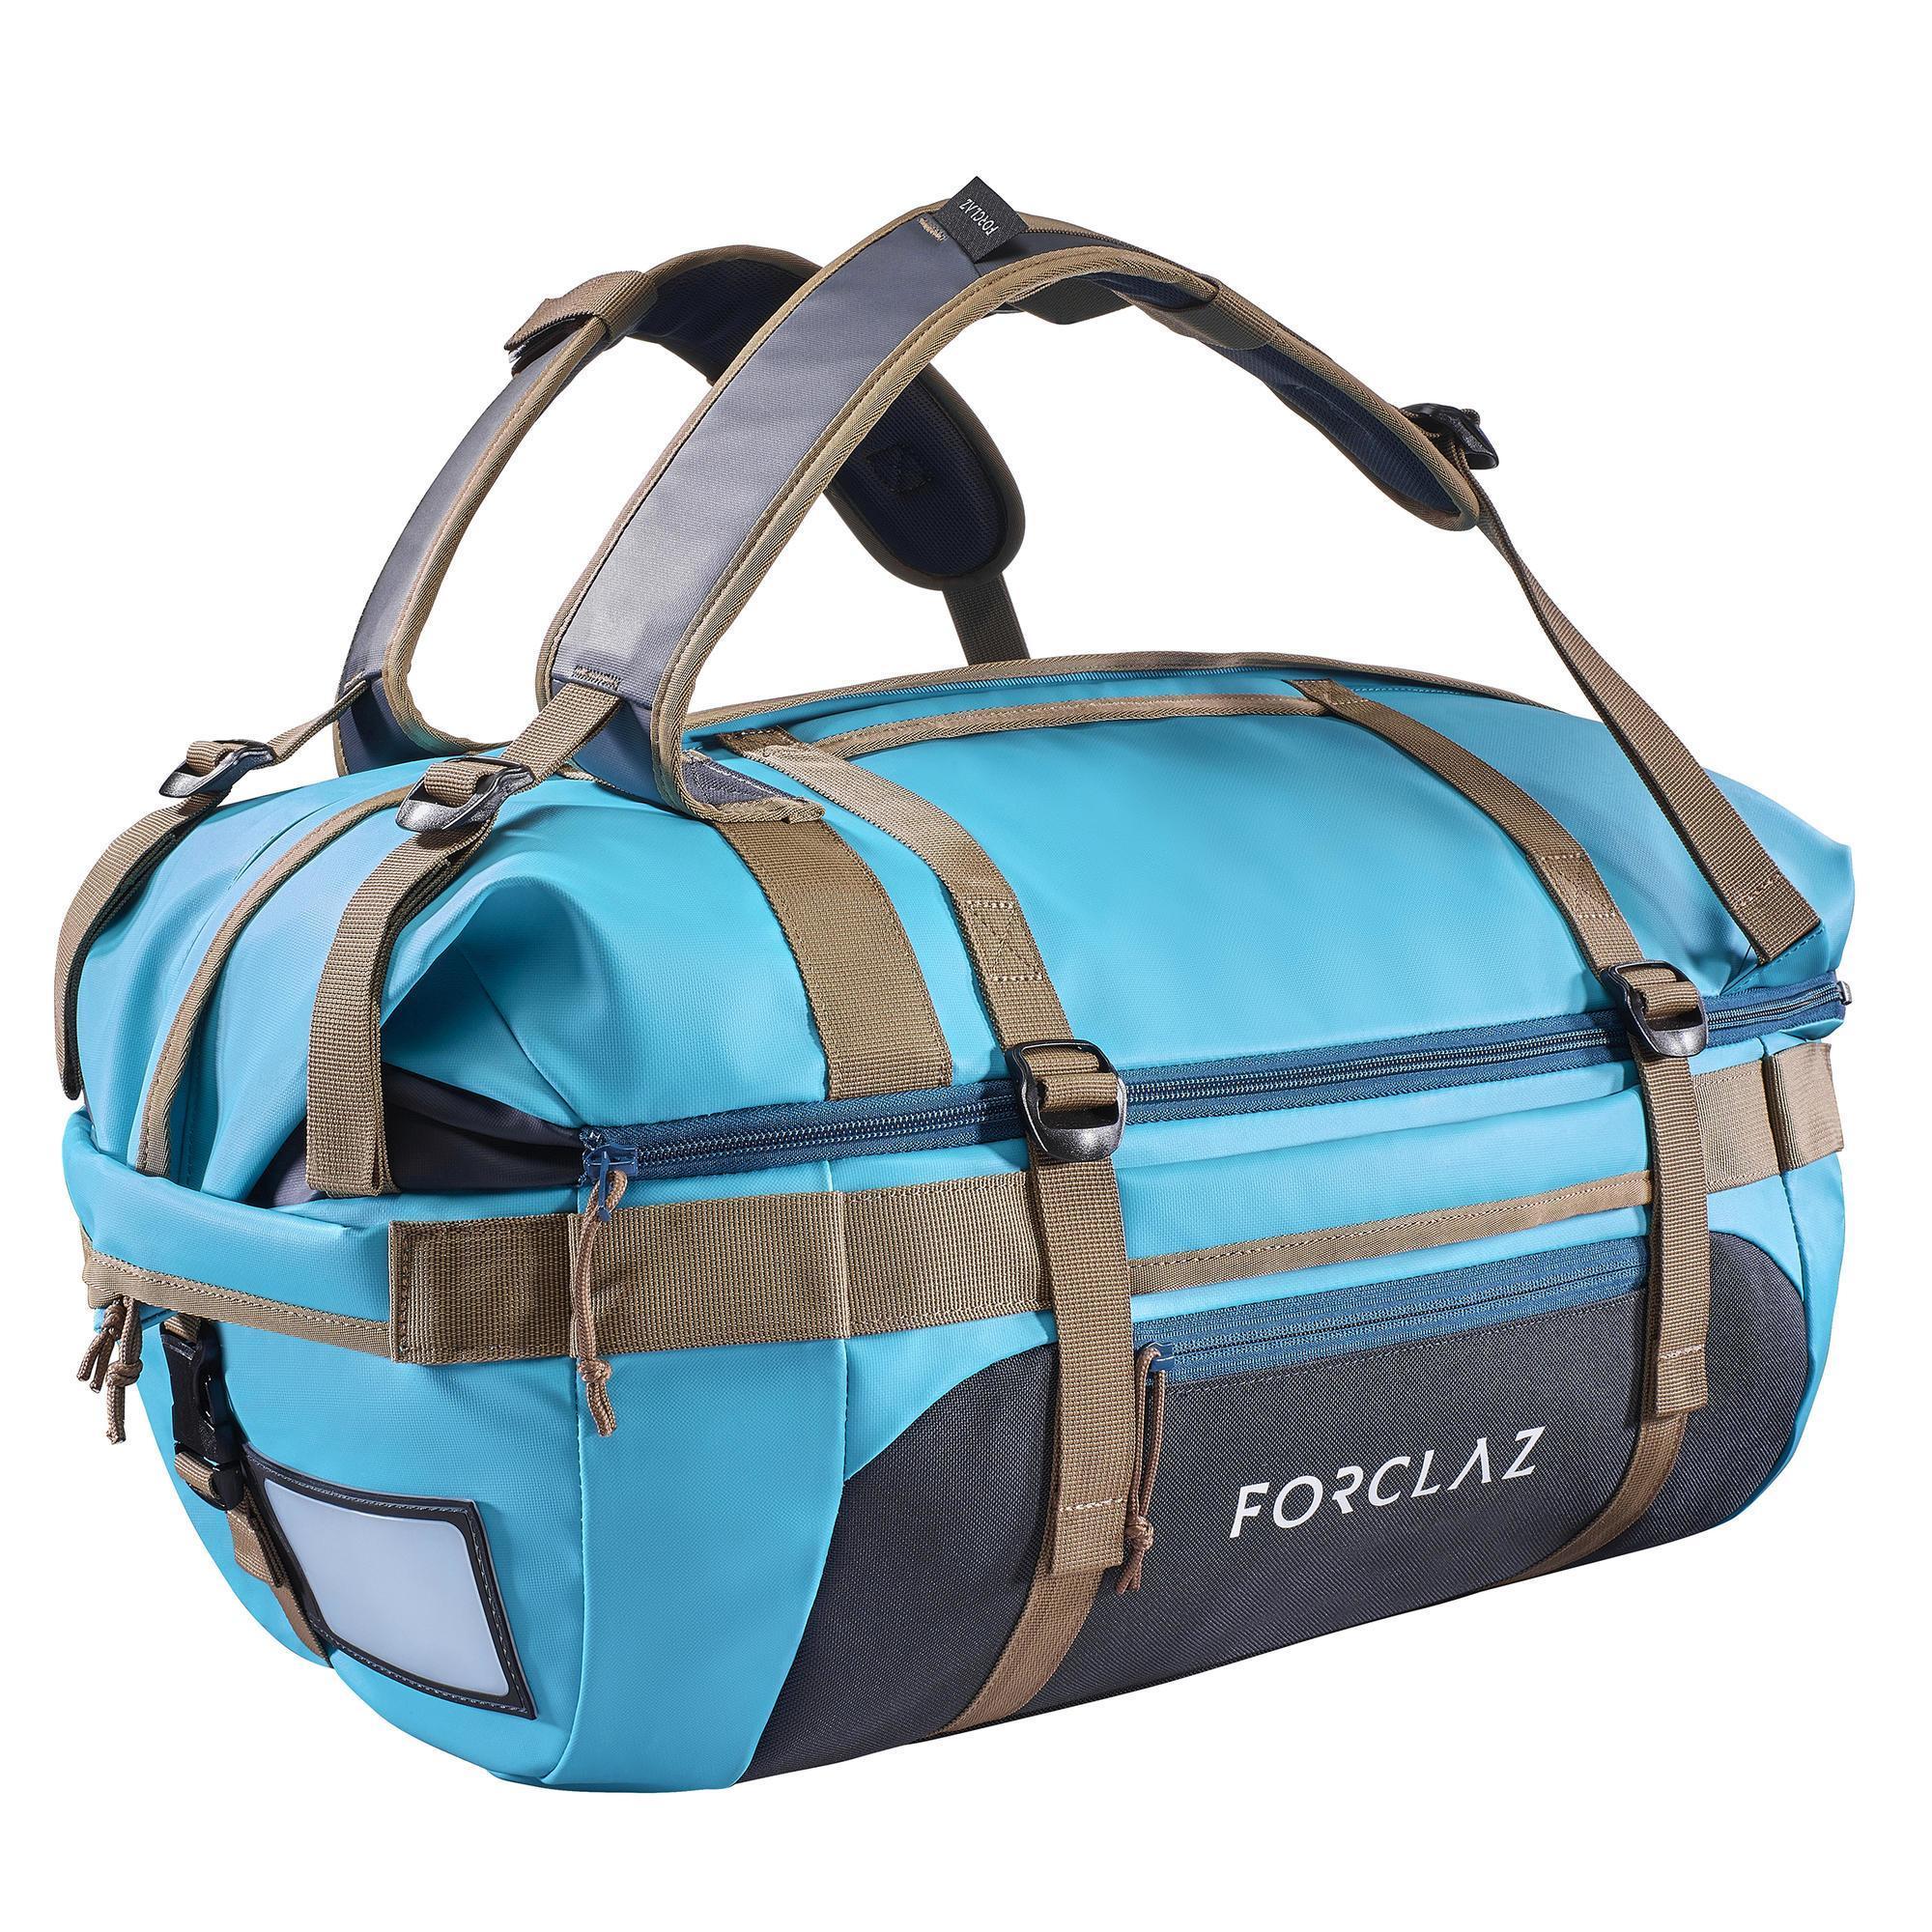 Sac de transport Mountain Trekking Voyage extend 40 à 60 litres bleu - Forclaz